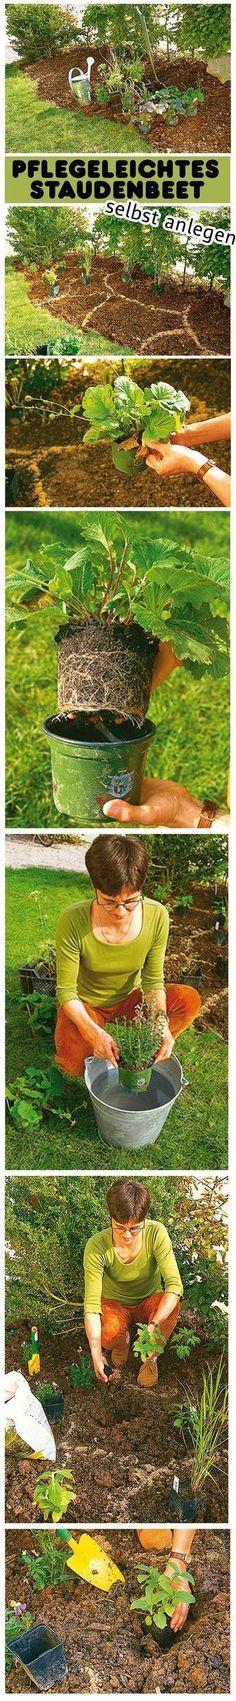 Gartenberatung - Leistungen und Kosten Garten Pinterest - garten anlegen neubau kosten